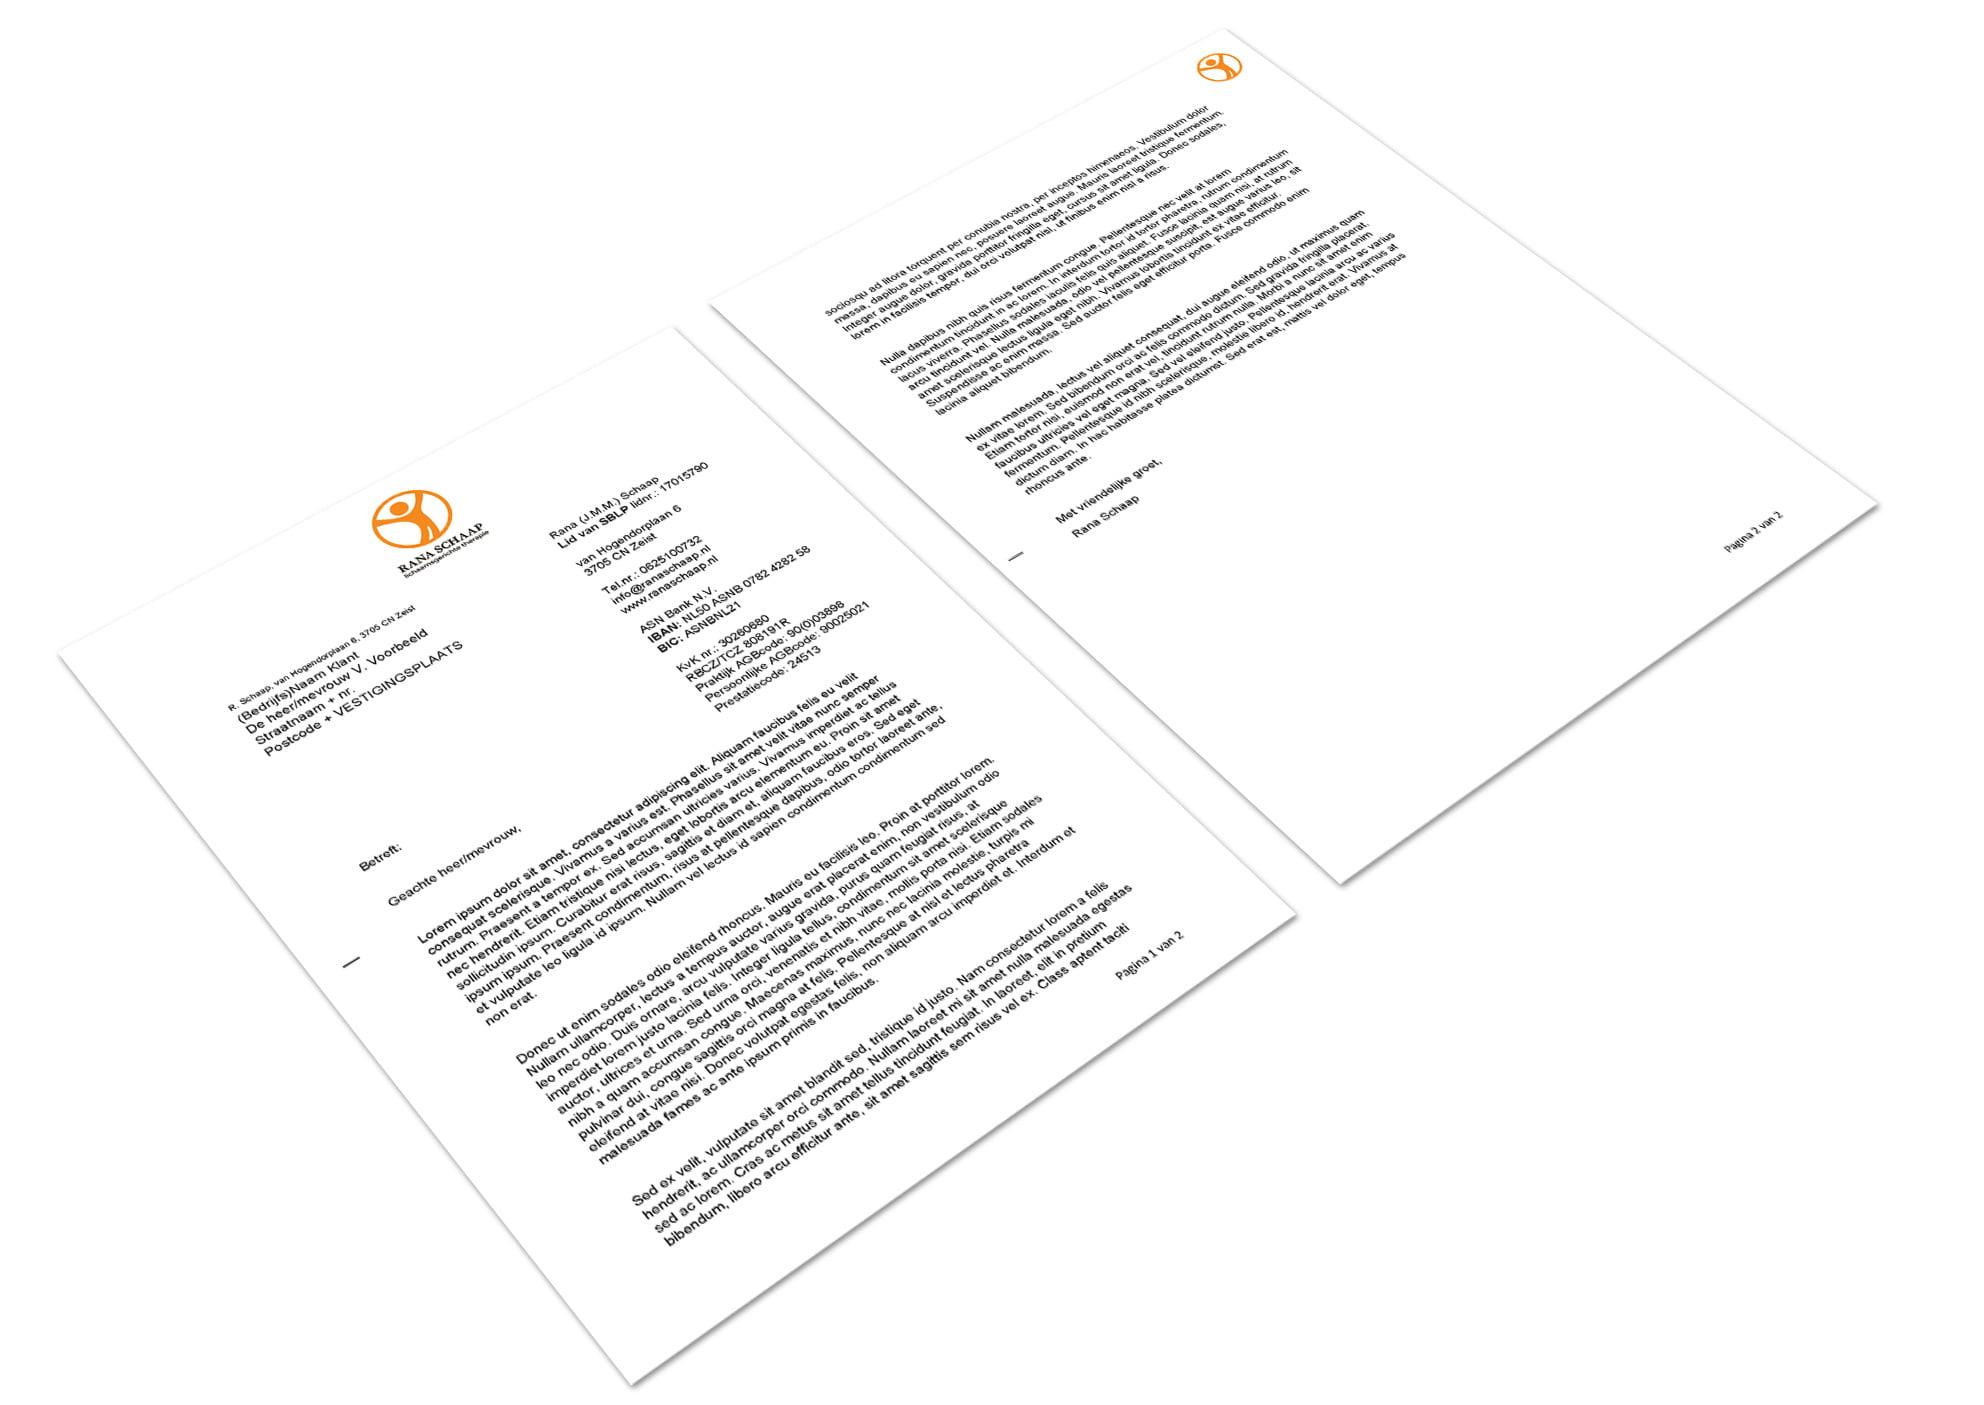 Rana-Schaaps-Brief